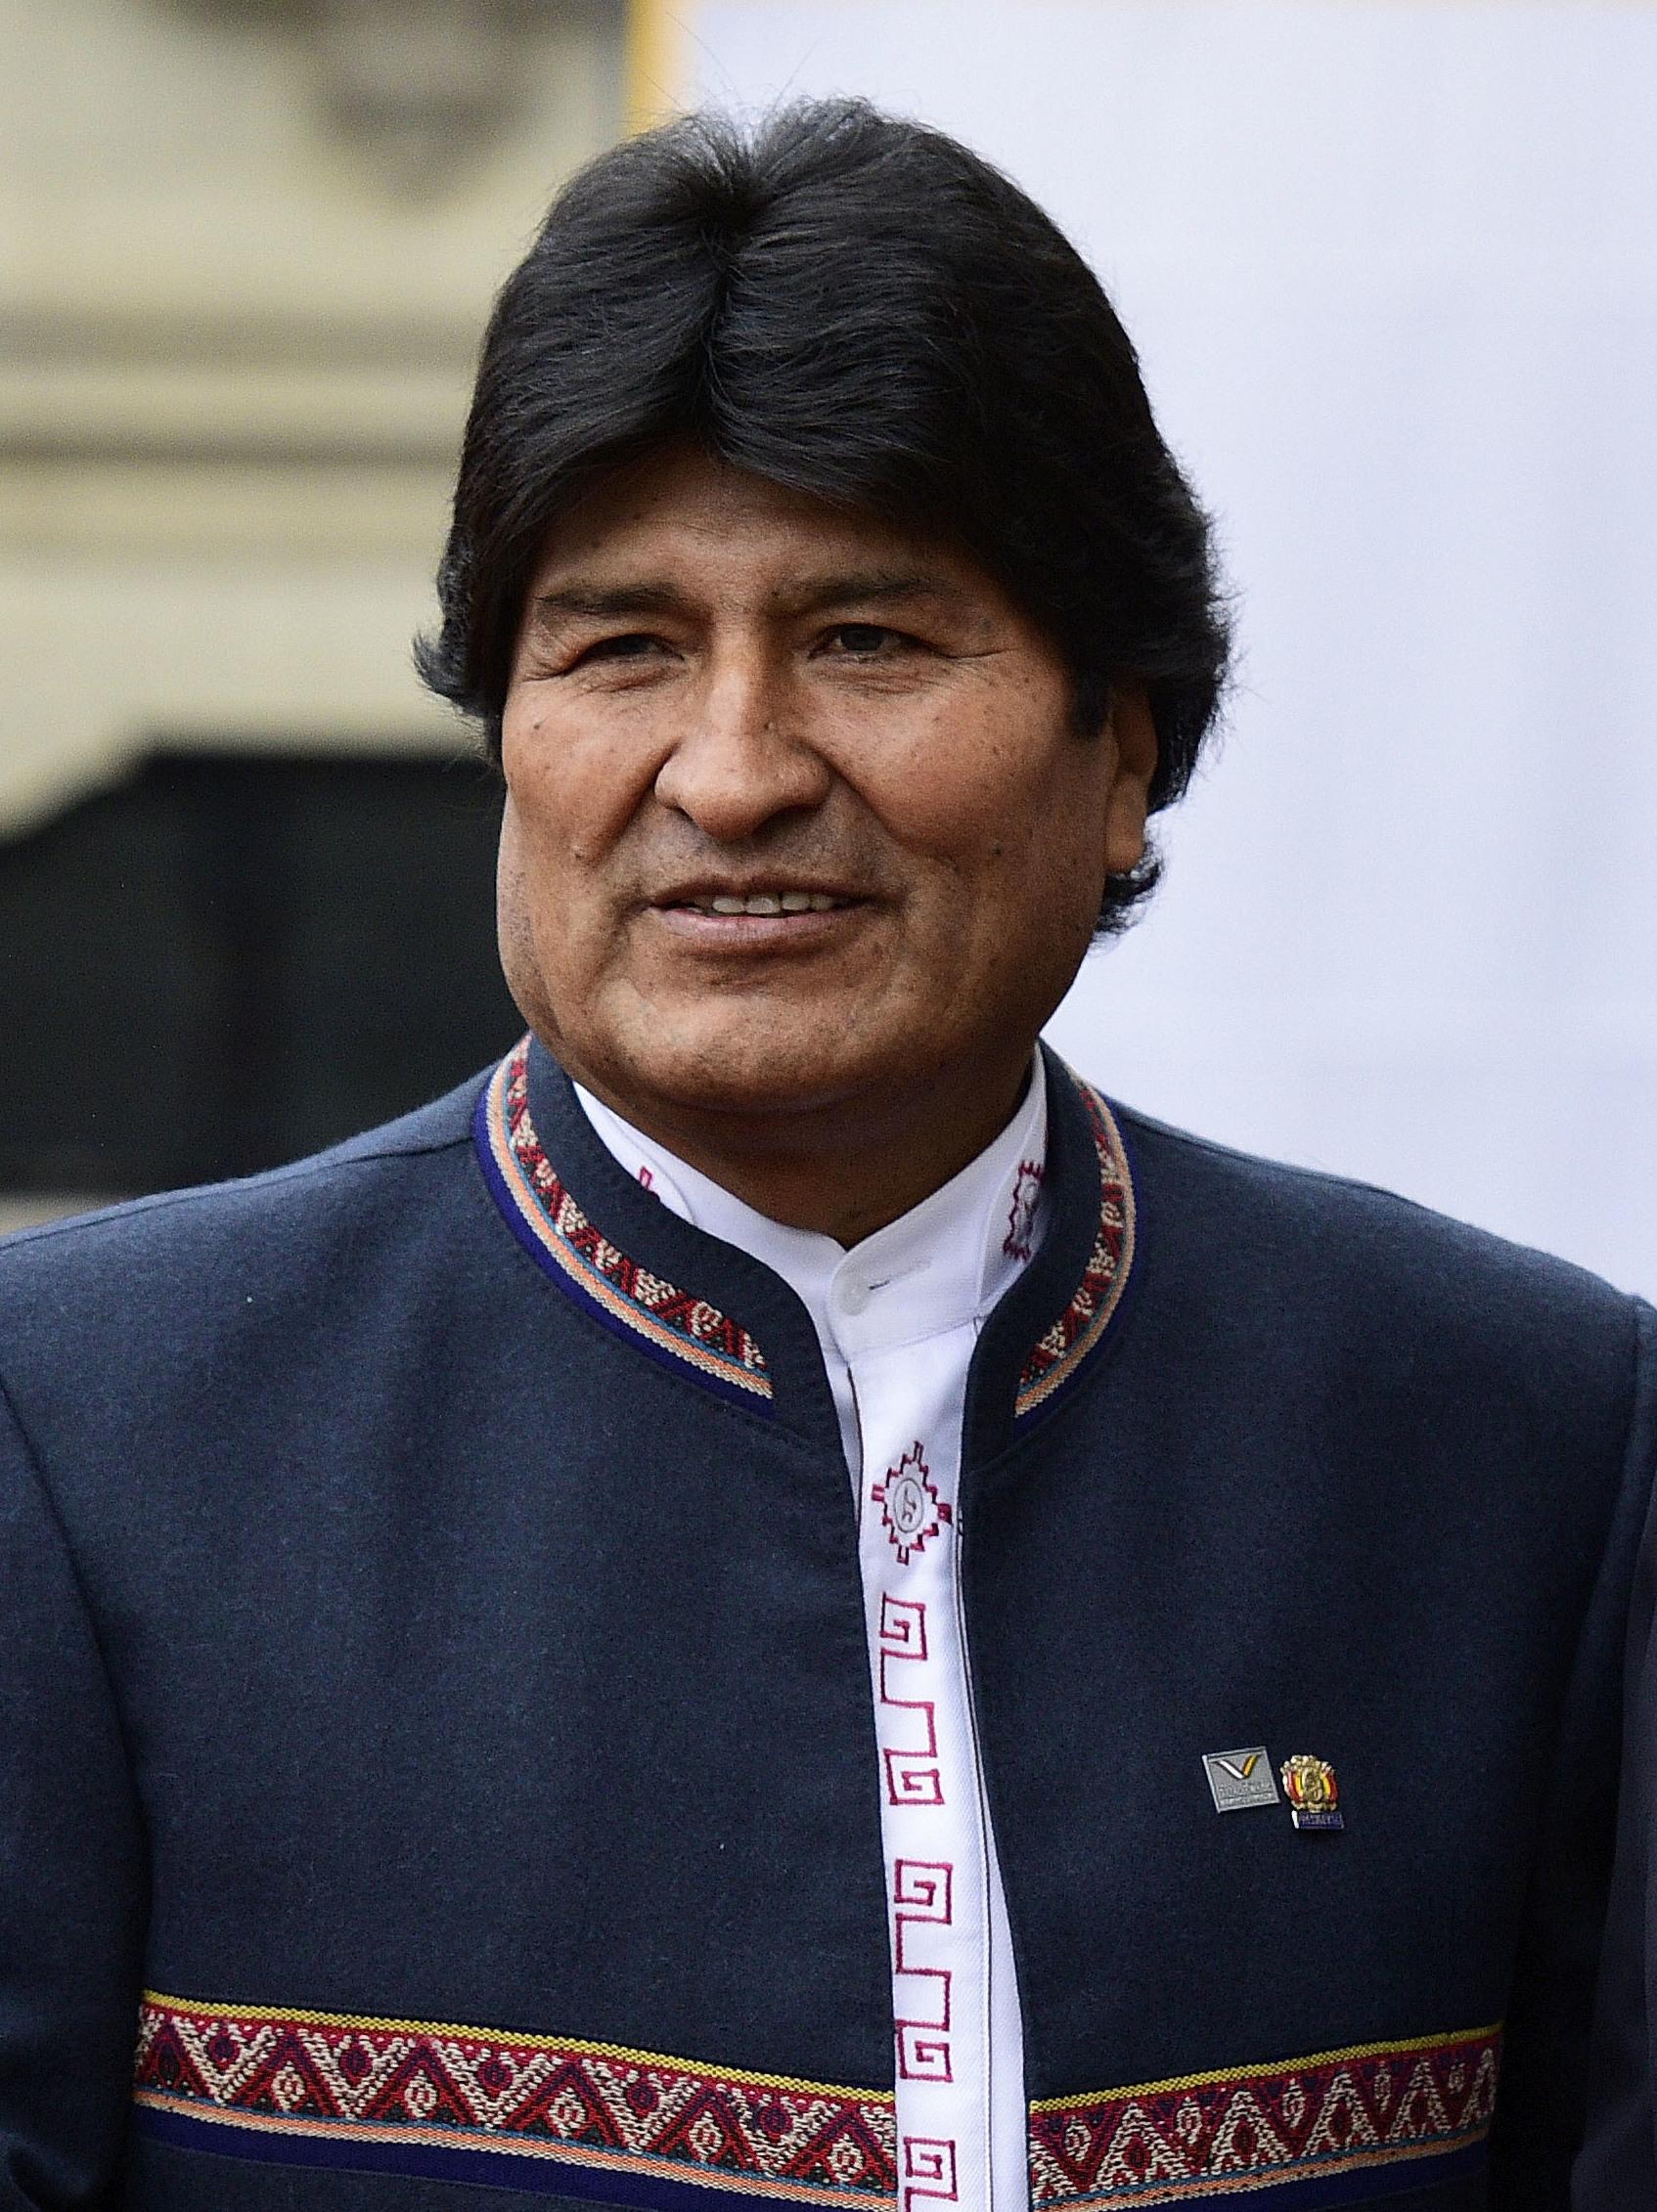 Veja o que saiu no Migalhas sobre Evo Morales